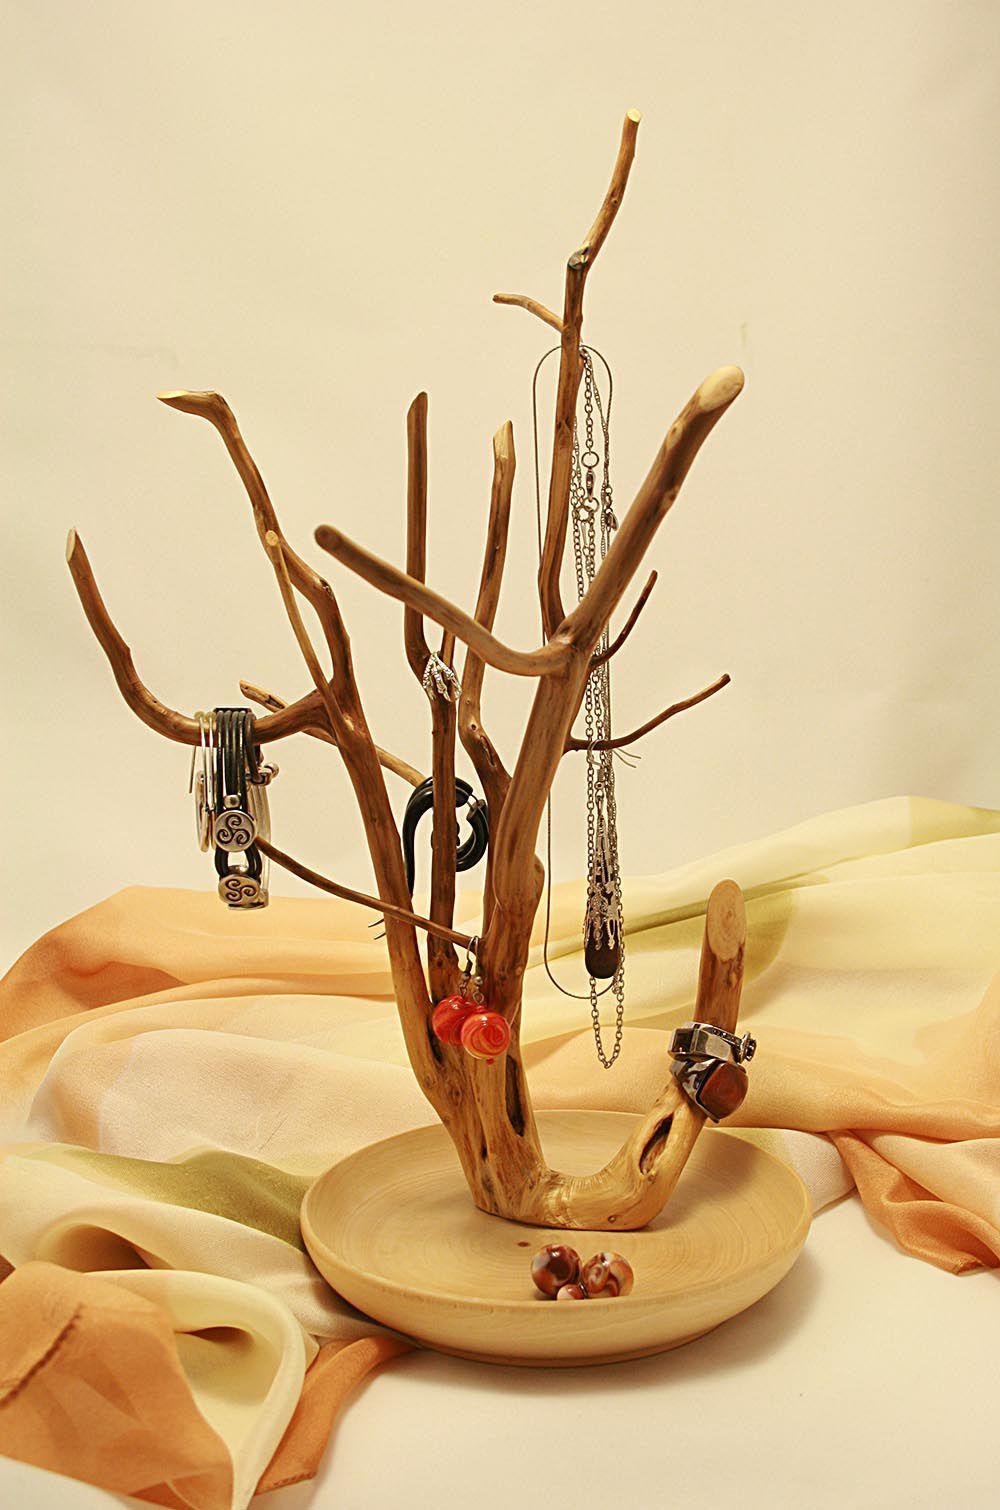 подставка декоративный ручная аксессуары кольца для украшений бижутерия дерево сережки натуральные работа оригинальный материалы подарок